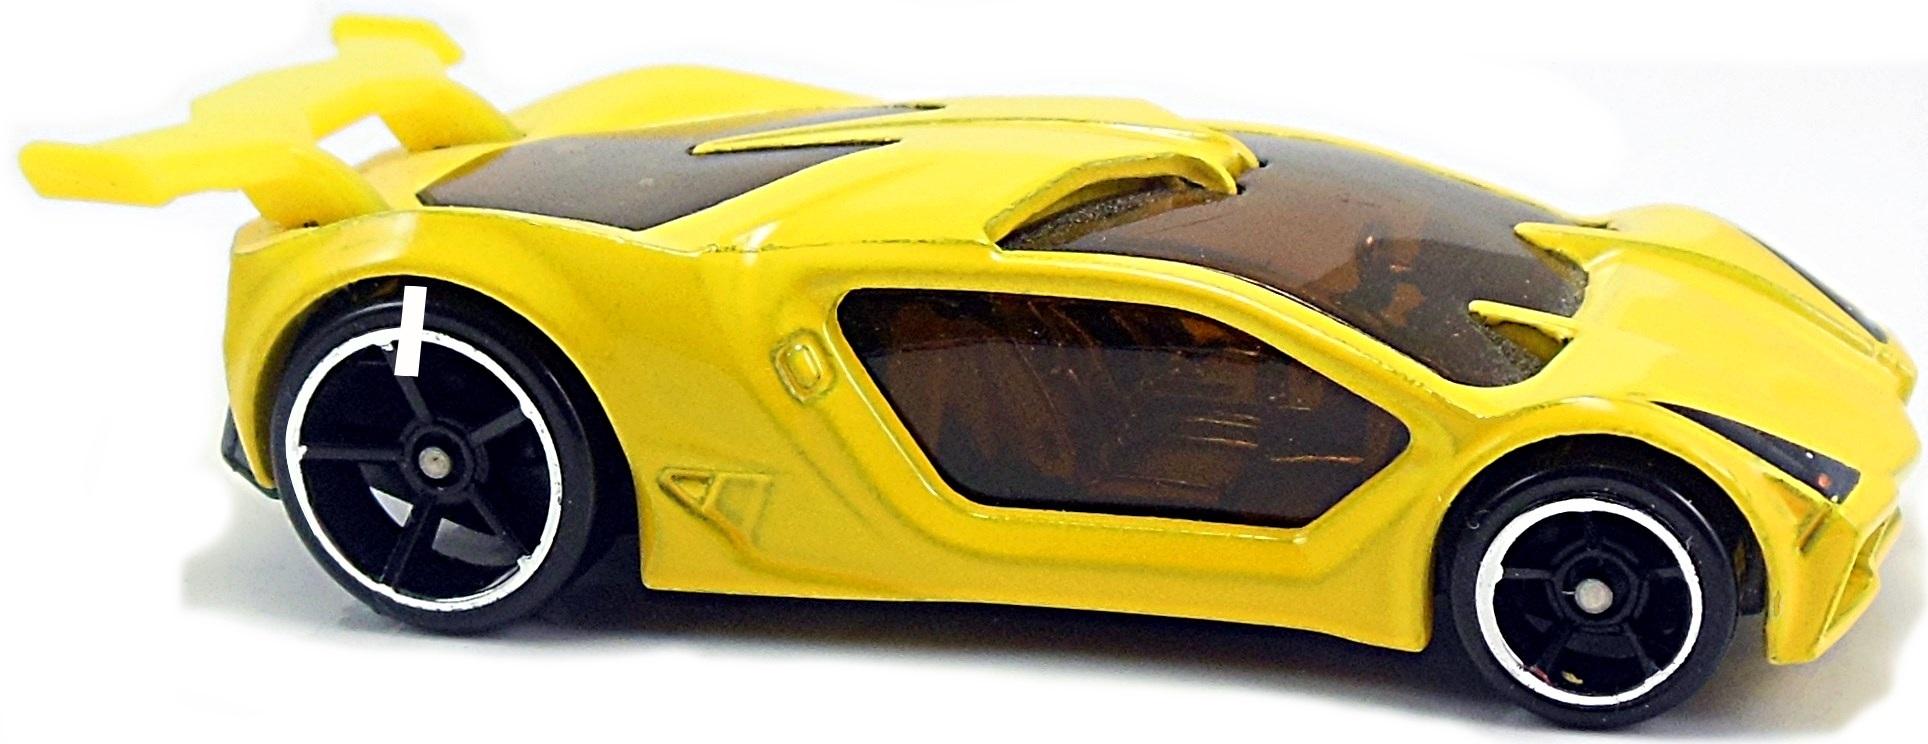 2011 Hot Wheels HW Exotics Impavido 1